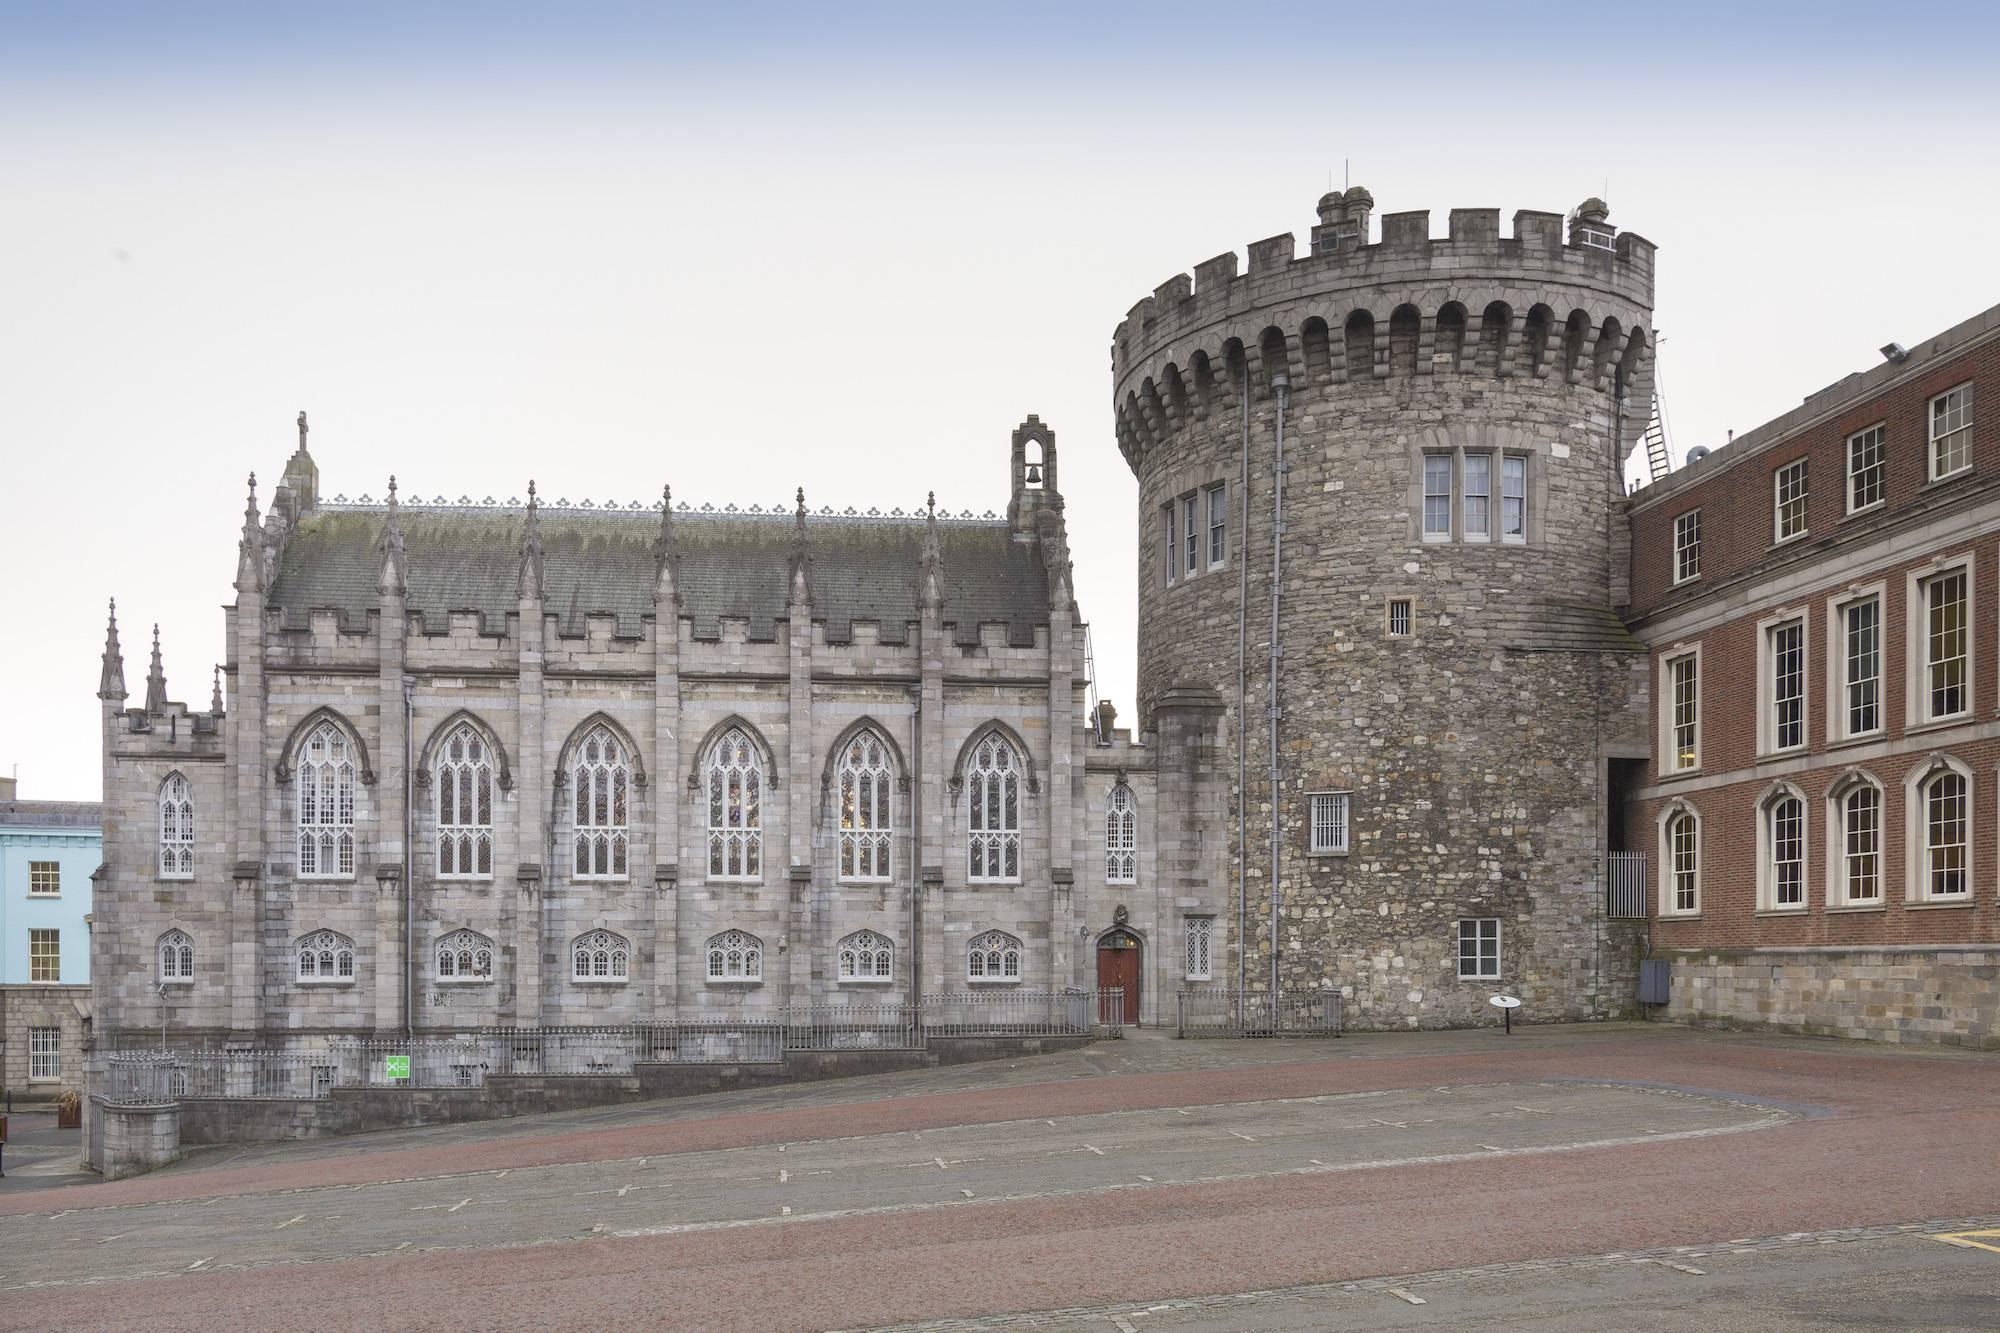 Vài km lại có một castle, chúng nhiều đến mức không kịp đặt tên. Ảnh này là Dublin Castle. Nguồn ảnh: findingtheuniverse.com